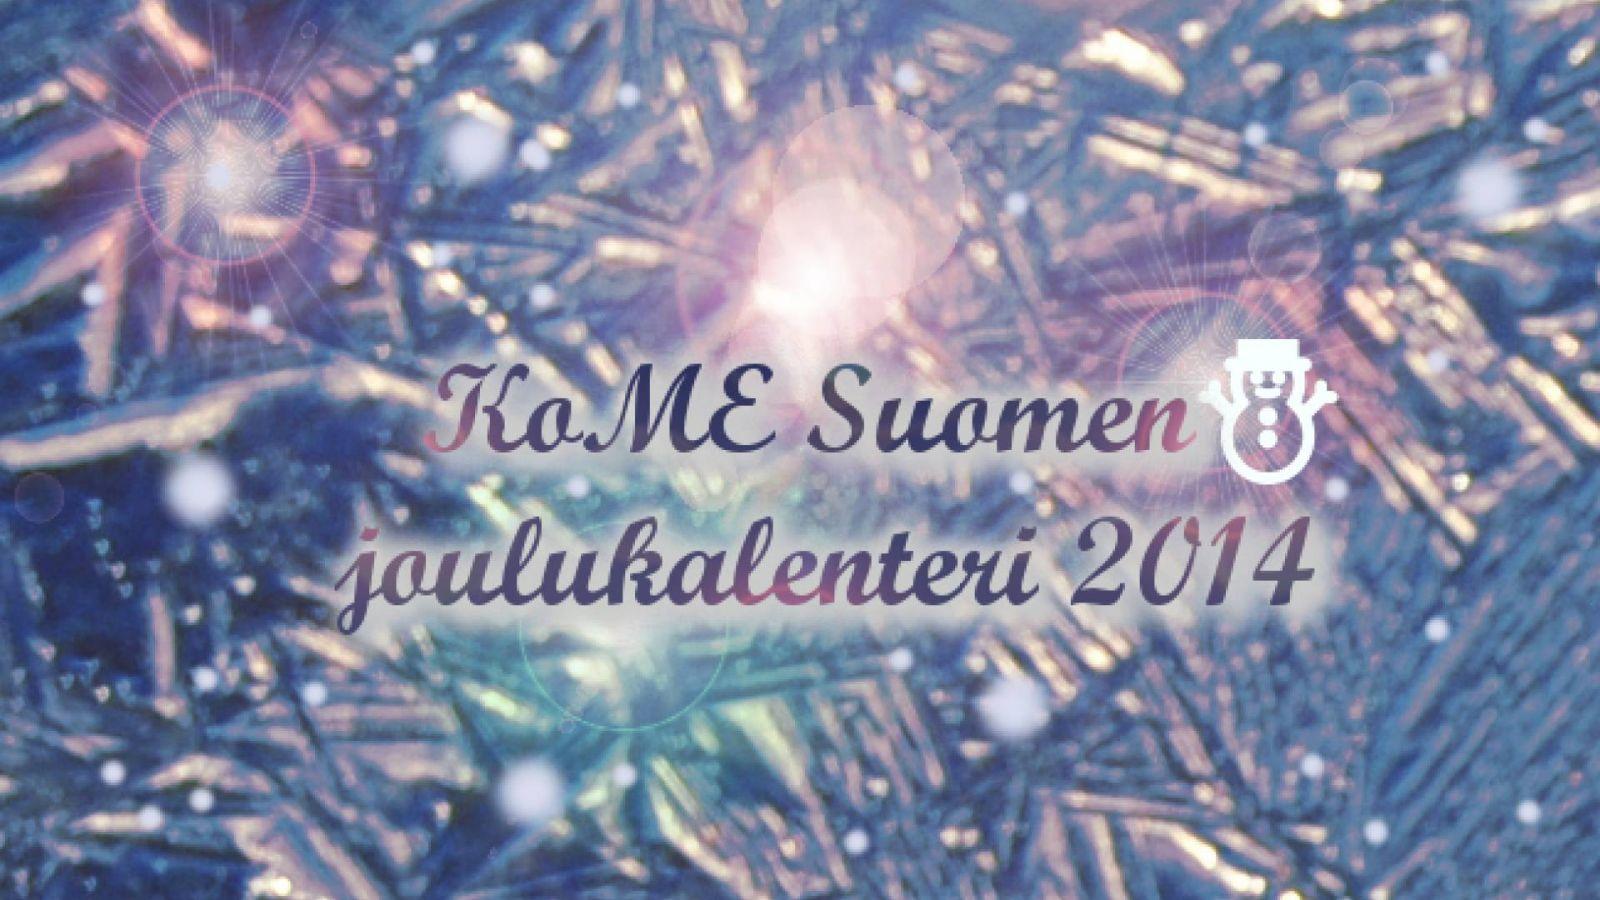 KoME Suomen joulukalenteri: luukku 8 © KoME Suomi